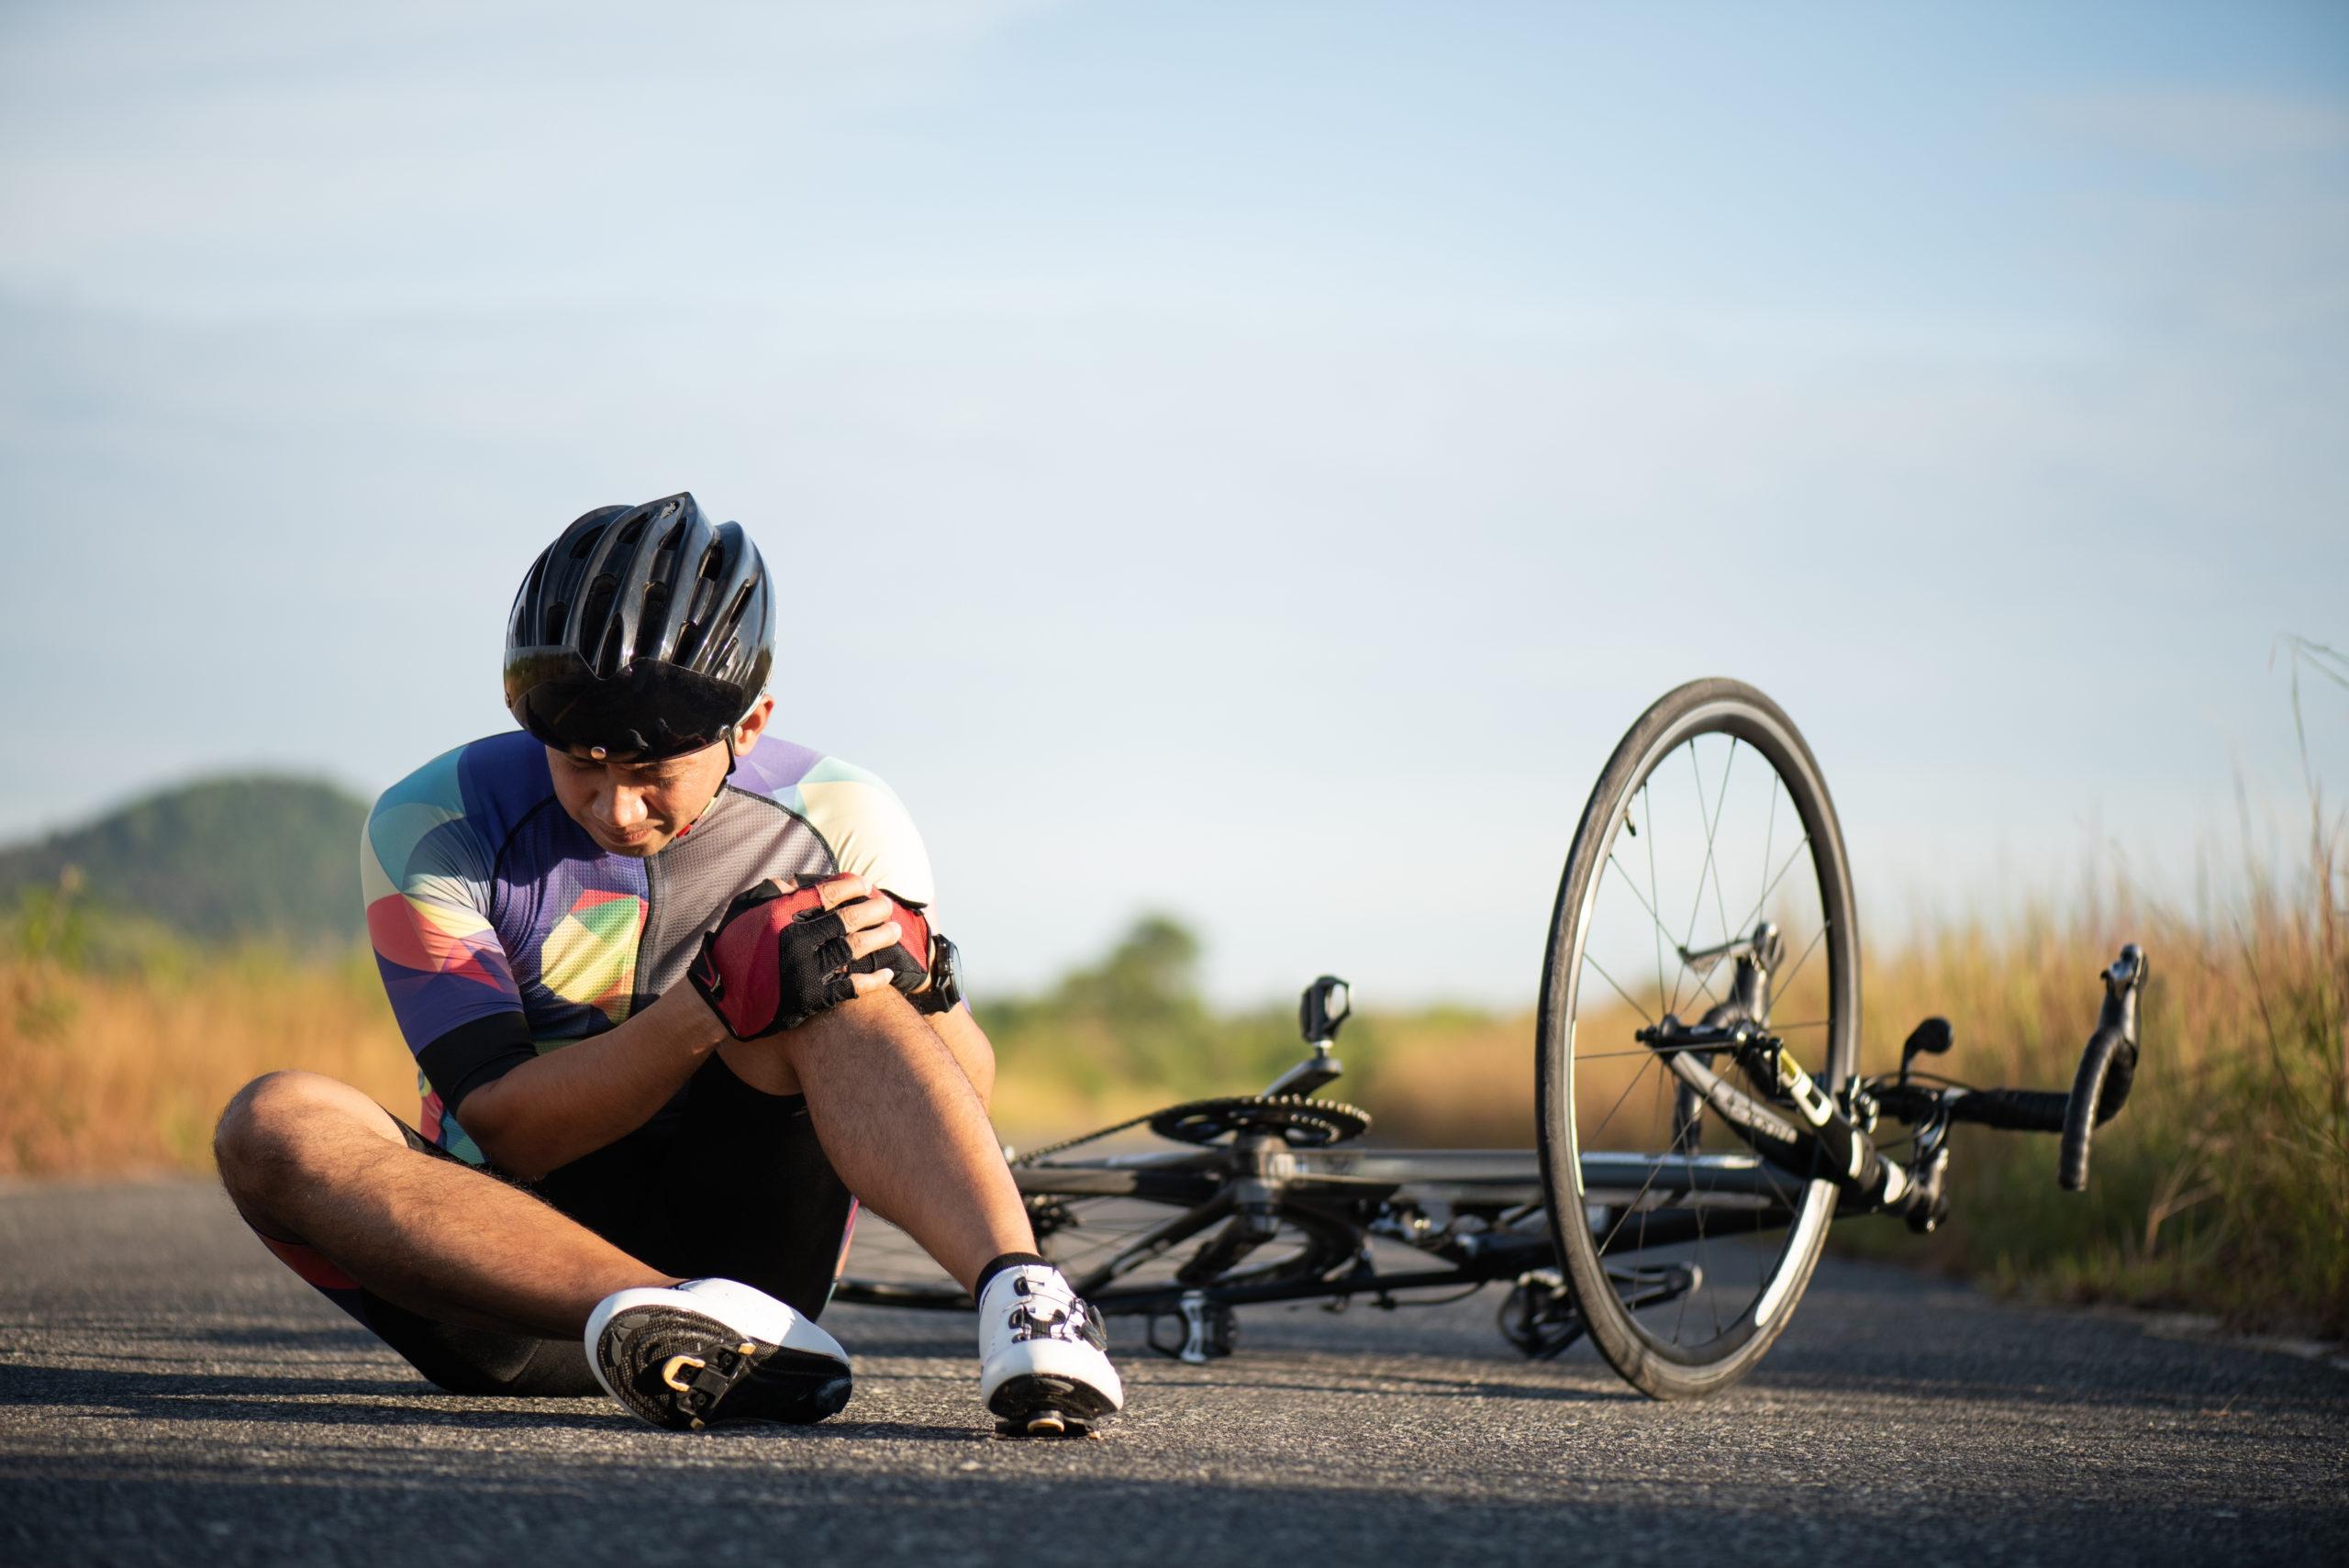 TECNOLOGIA - Molto presto, non cadremo più dalla bici